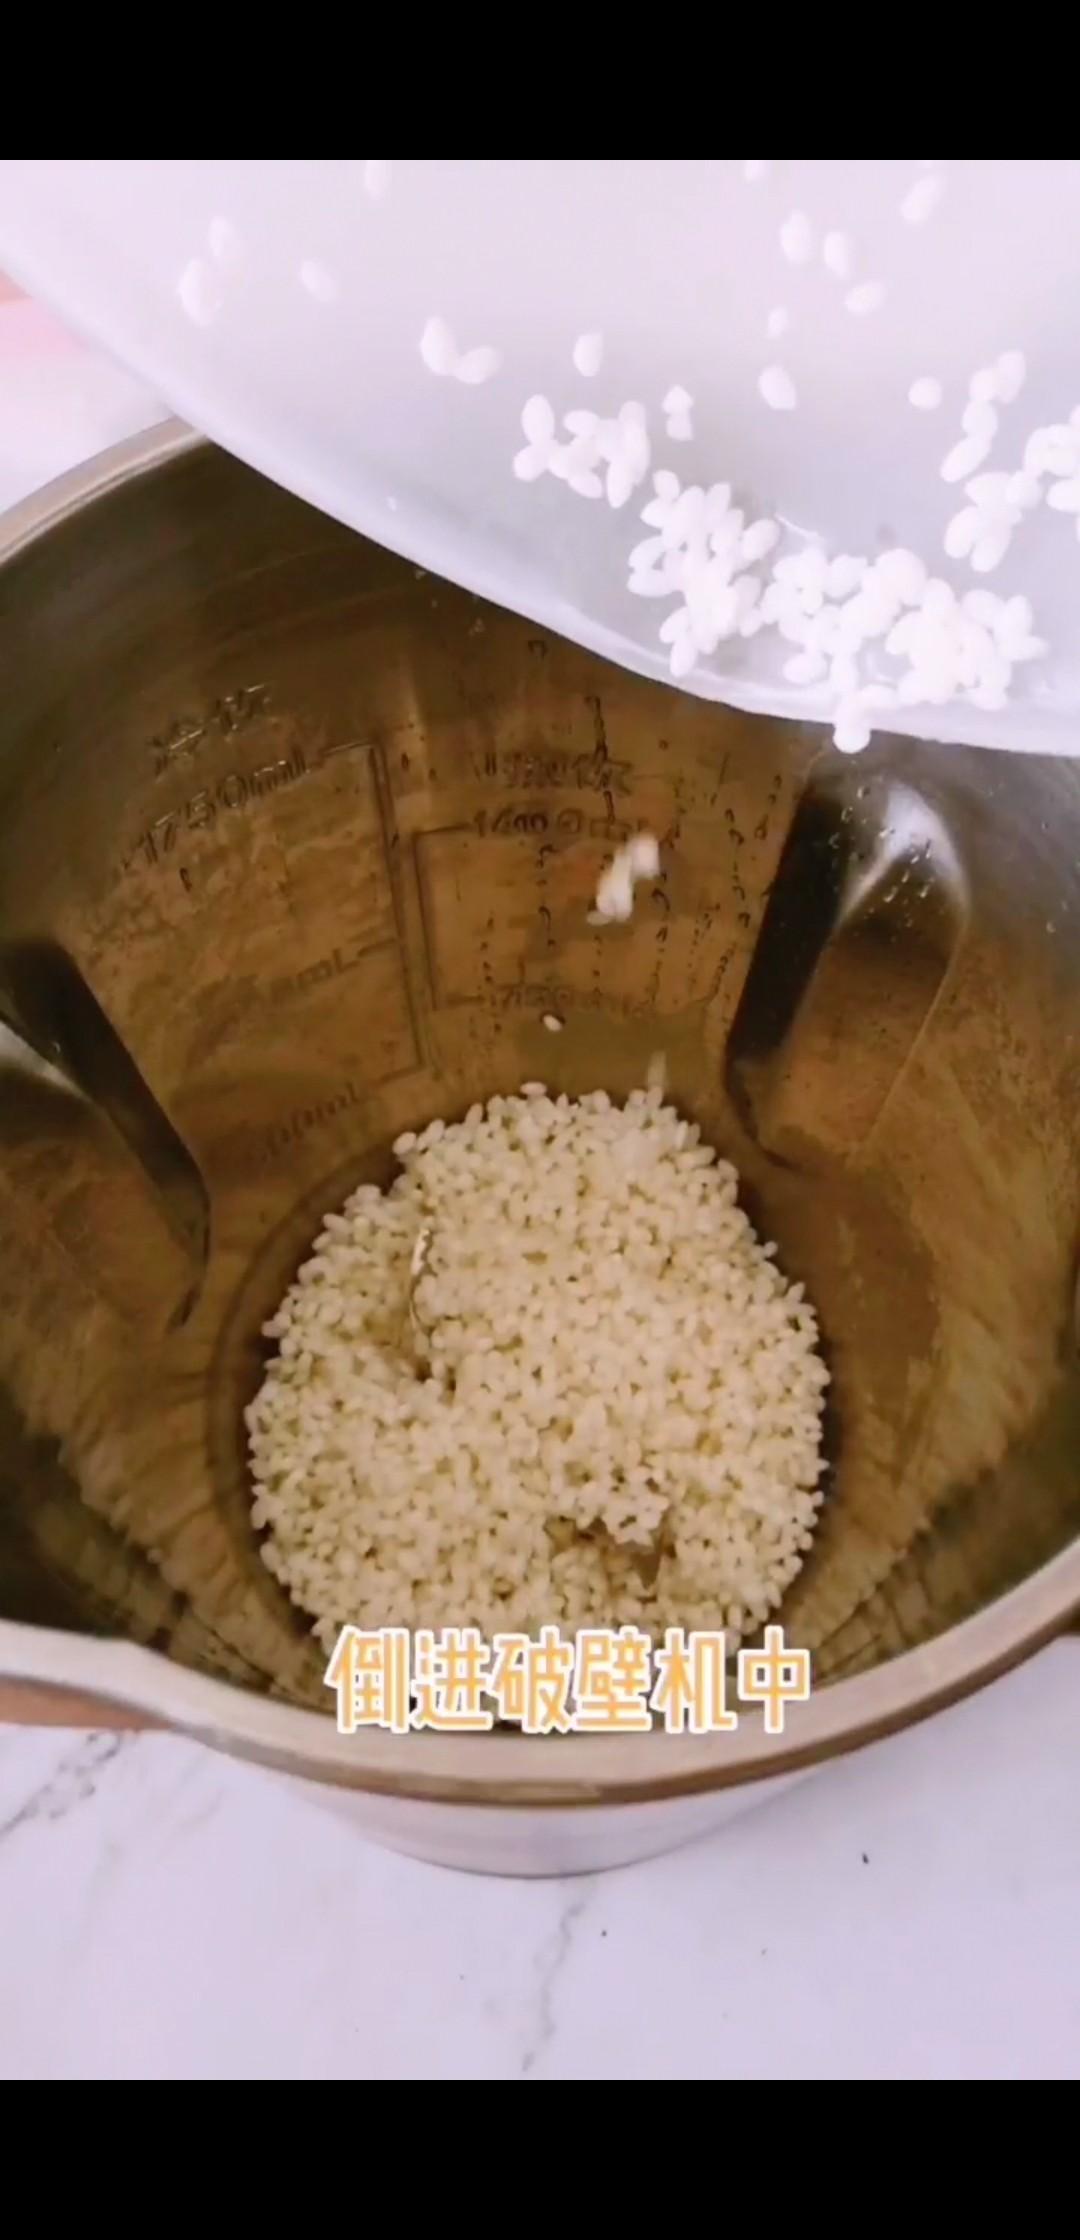 糯米(非糯米粉)红糖红枣年糕‼️q弹软糯的家常做法